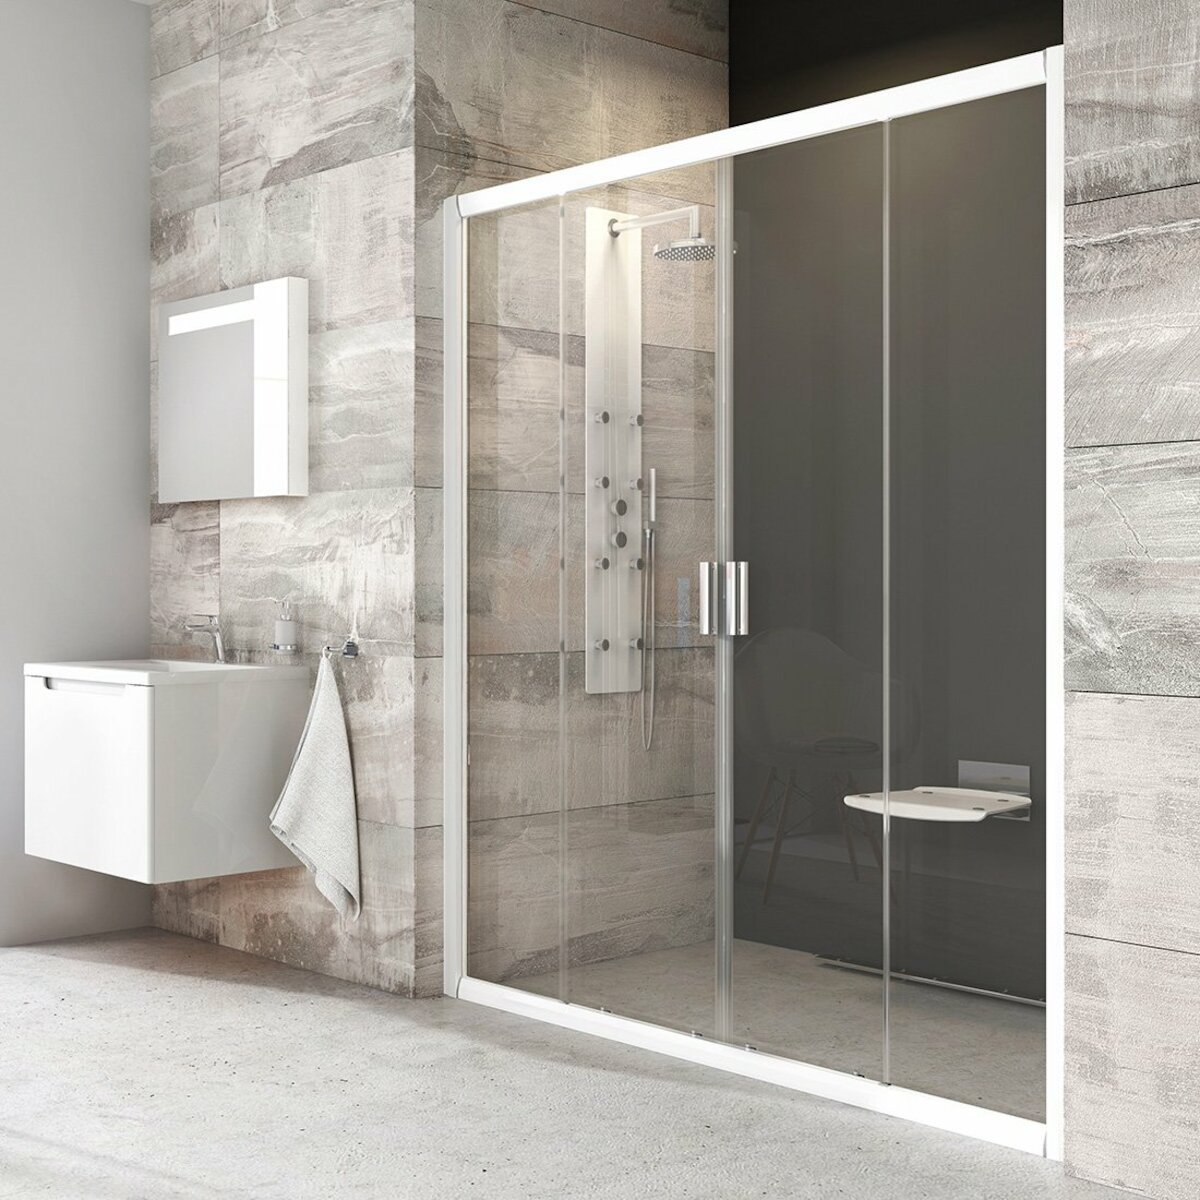 Sprchové dvere 170x190 cm Ravak Blix biela 0YVV0100Z1